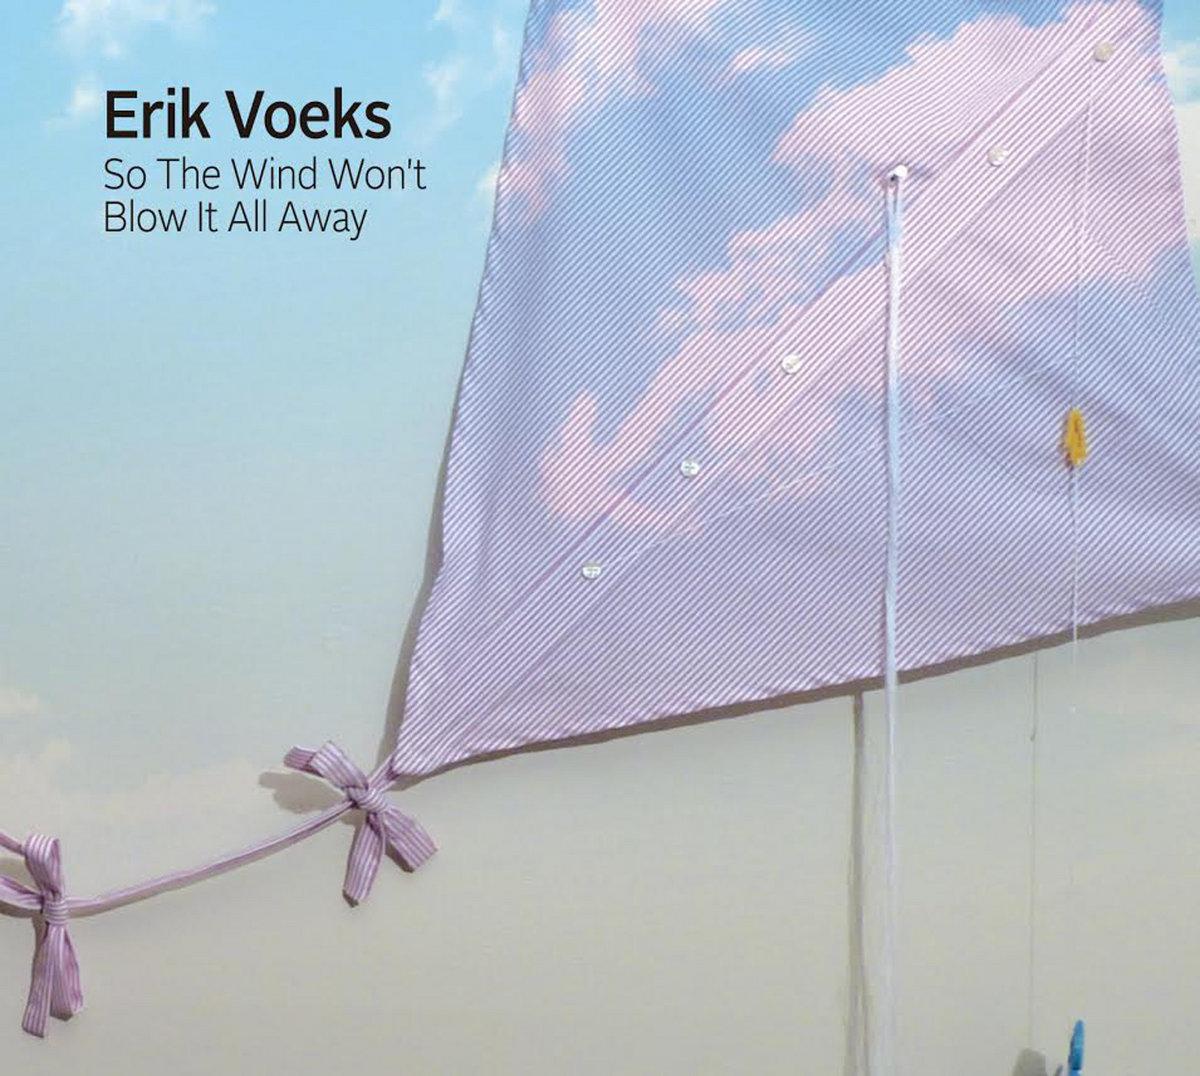 Erik Voeks